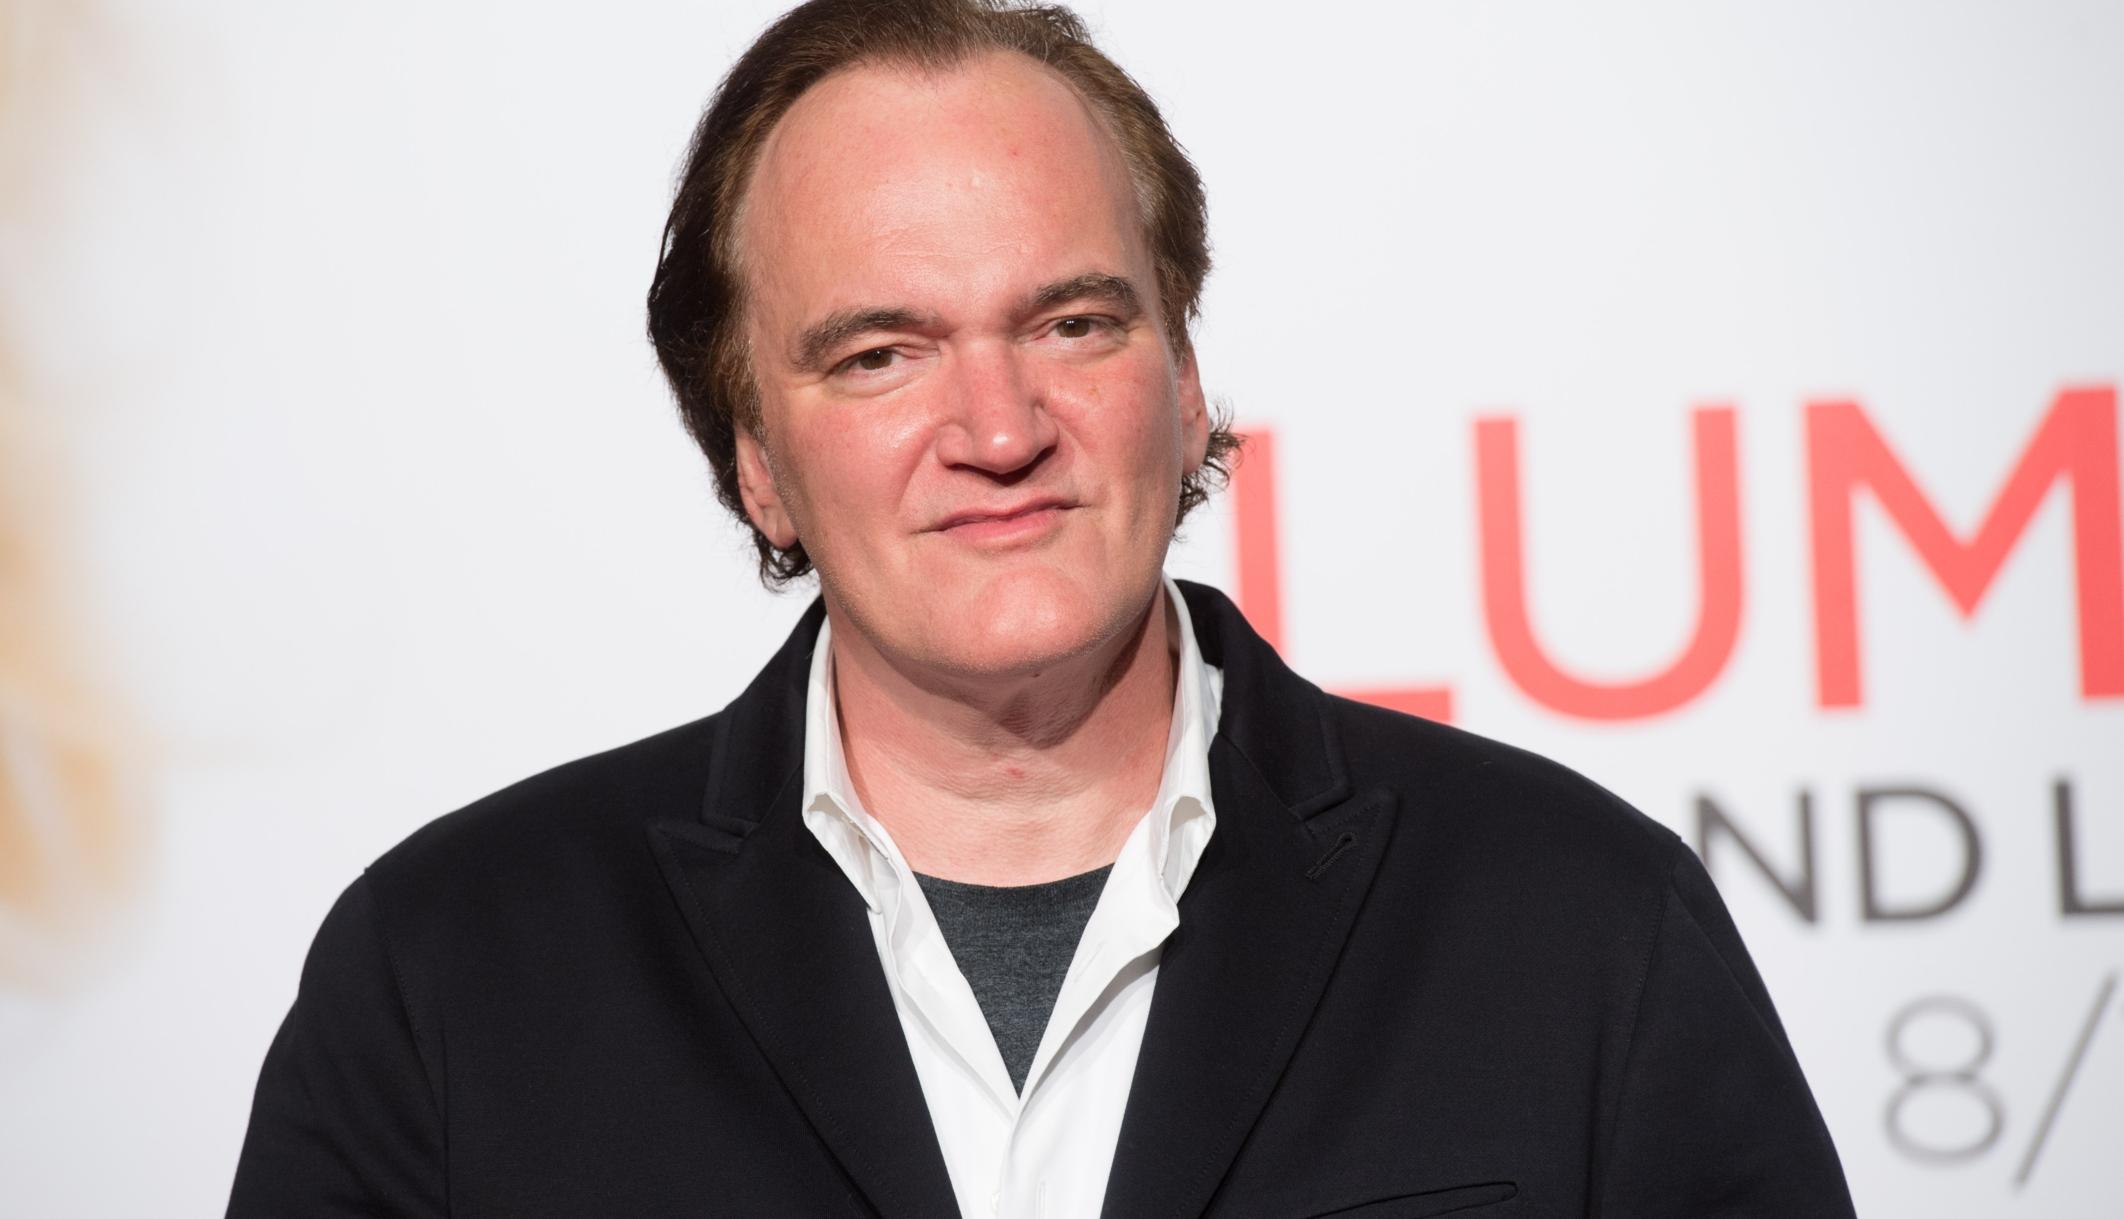 Το νέο τρέιλερ του Quentin Tarantino του 'Once Upon A Time In Hollywood' προσφέρει μια άλλη ματιά στον Charles Manson και τον Sharon Tate